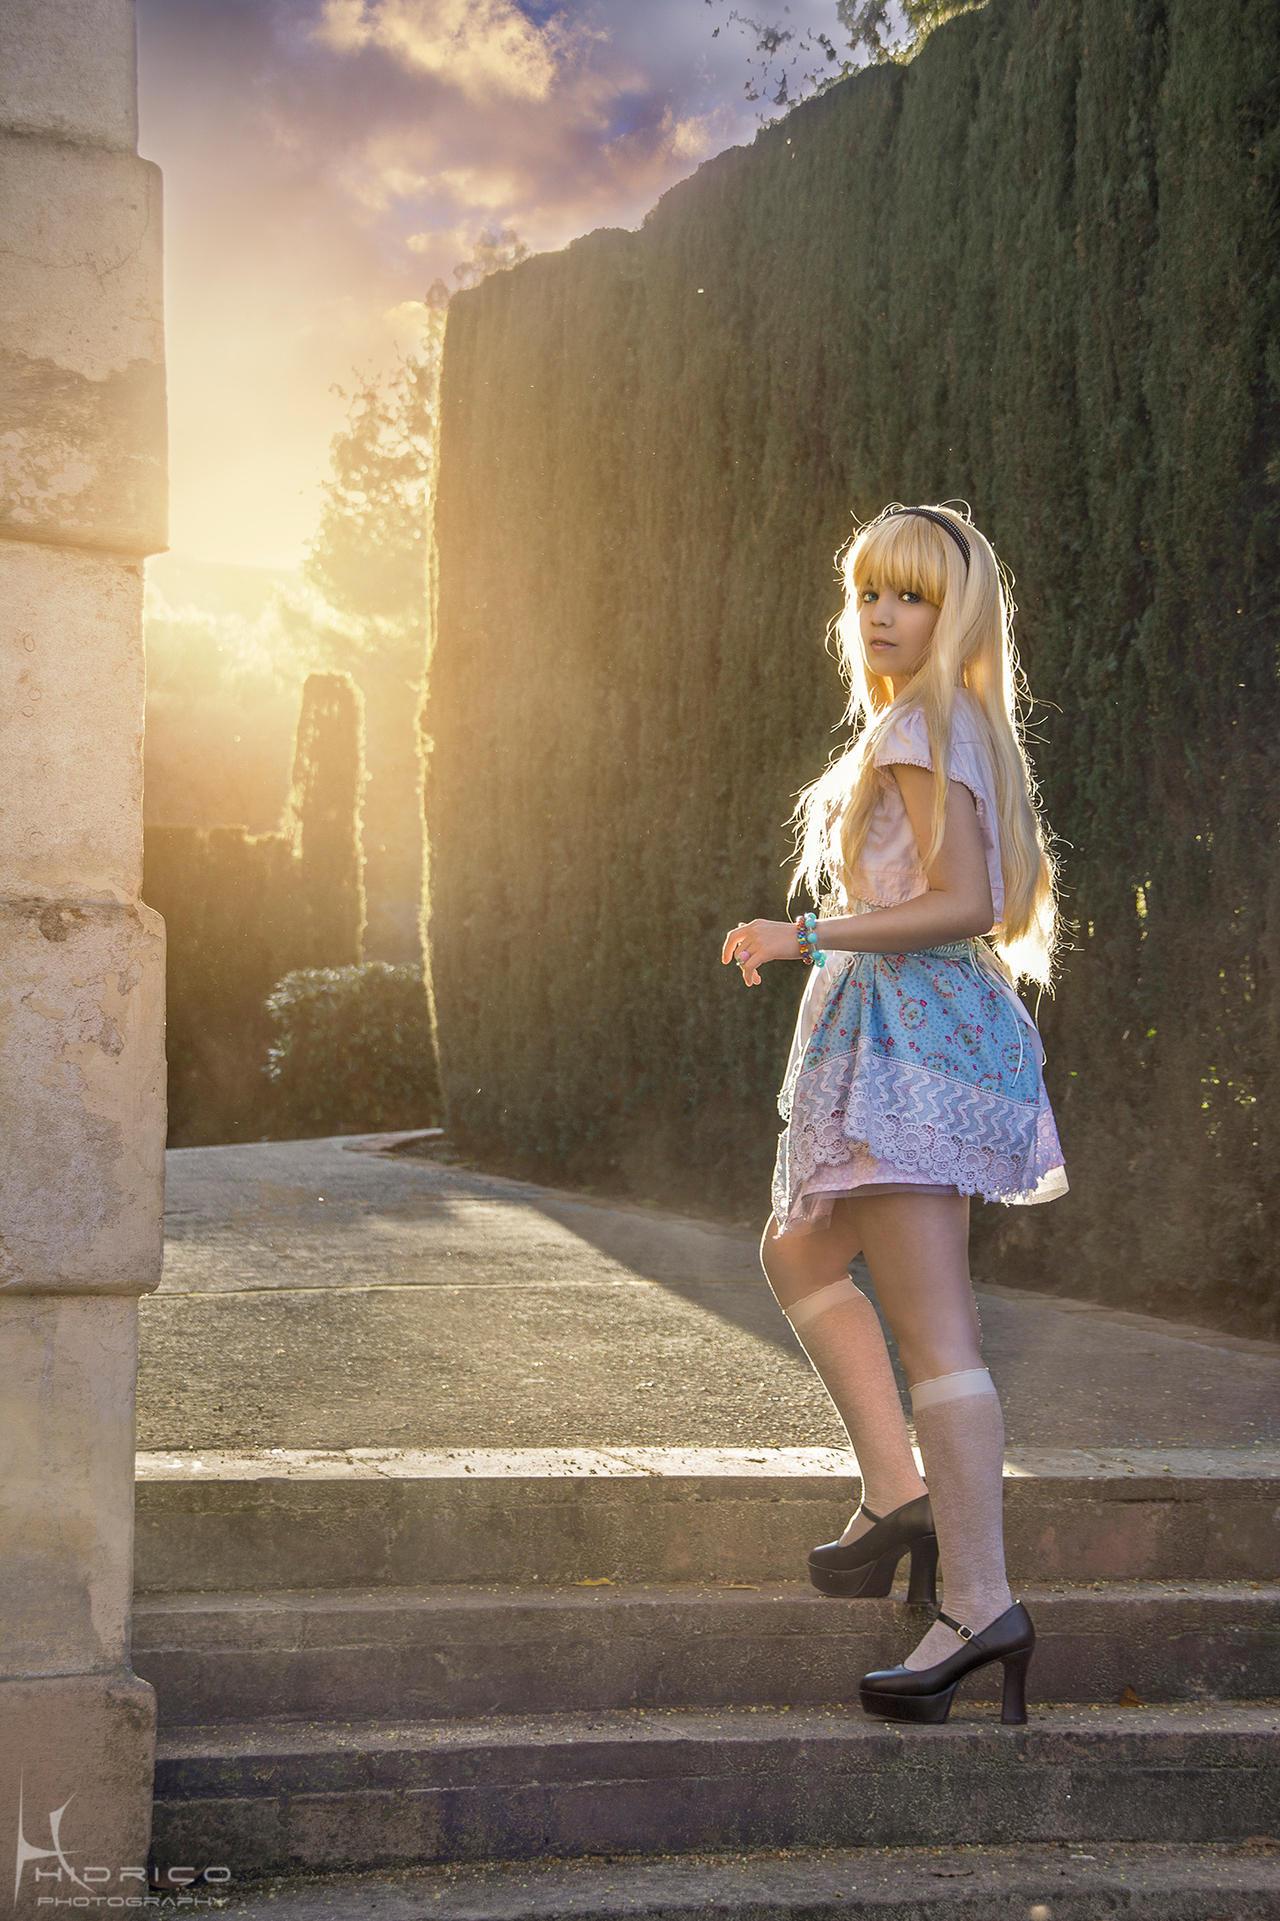 Alice in Wonderland by Hidrico